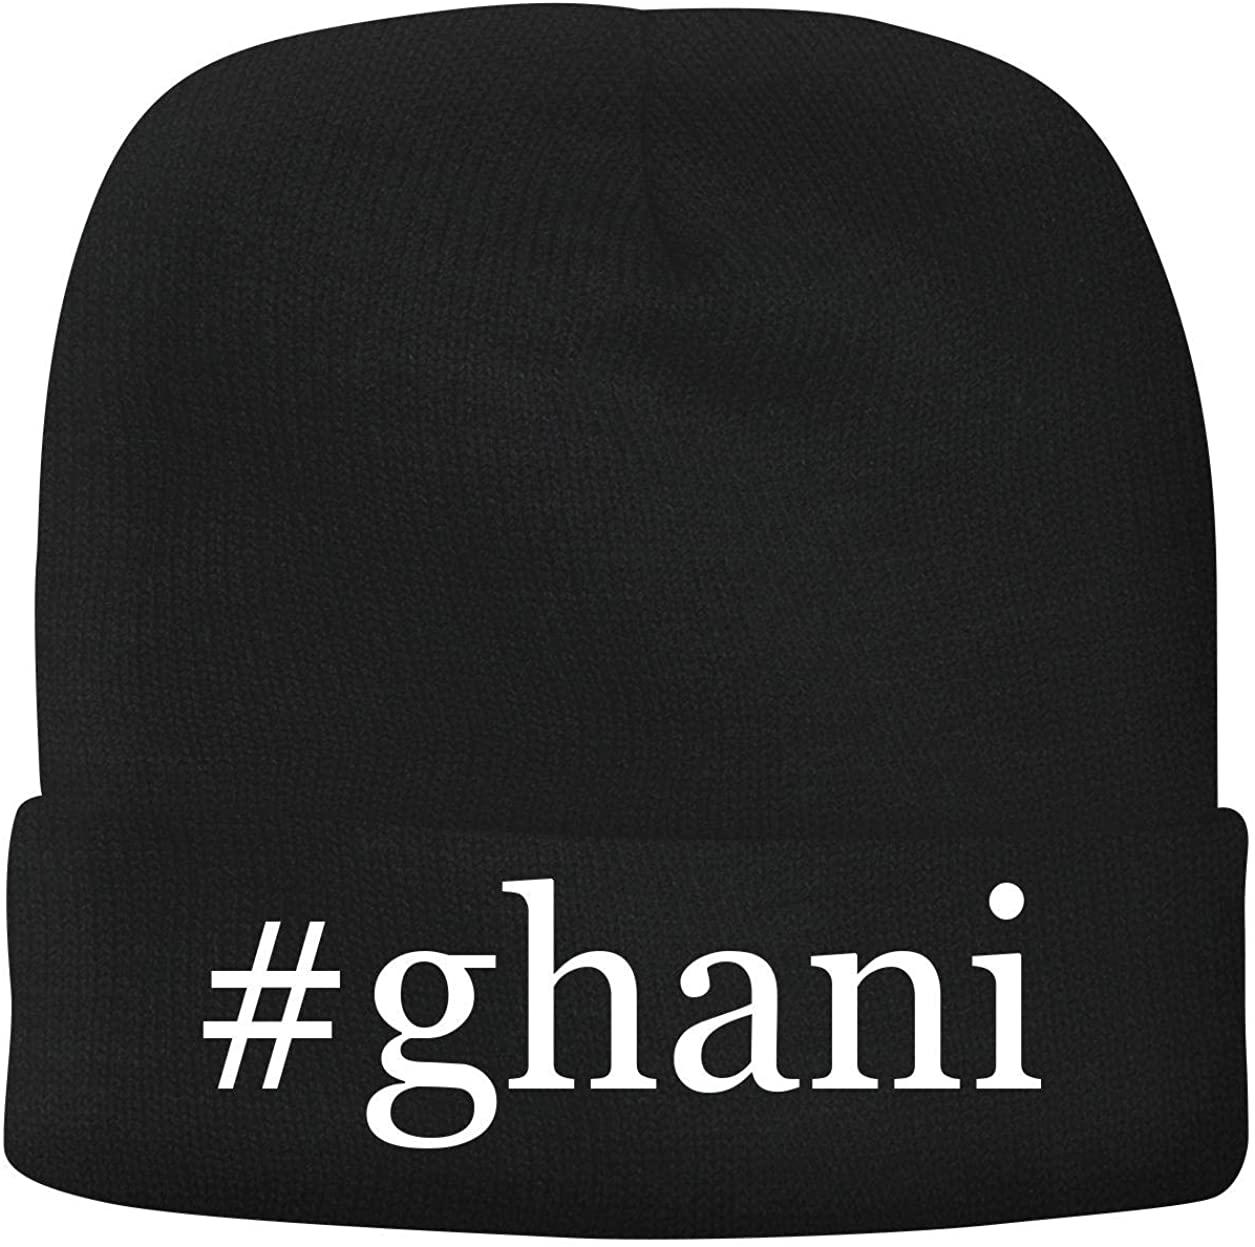 BH Cool Designs #Ghani - Men's Hashtag Soft & Comfortable Beanie Hat Cap